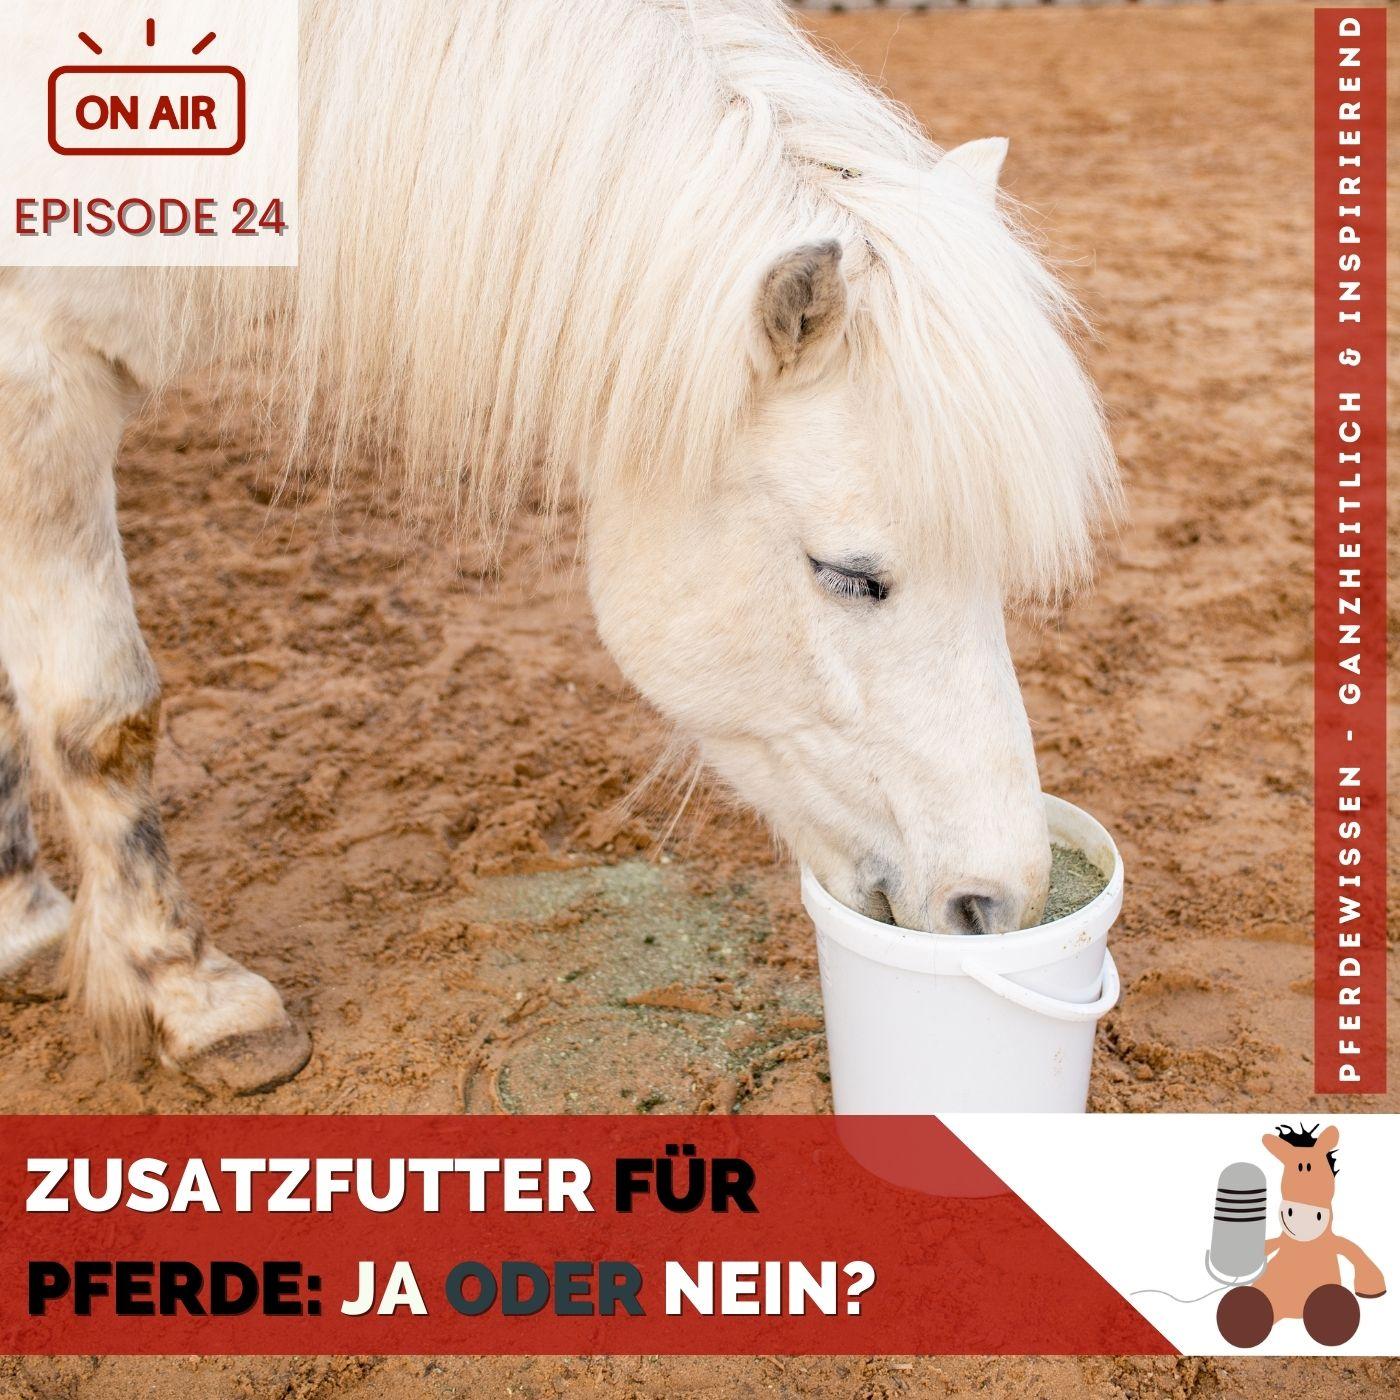 Zusatzfutter und Kräuter für Pferde ja oder nein Sandra Fencl